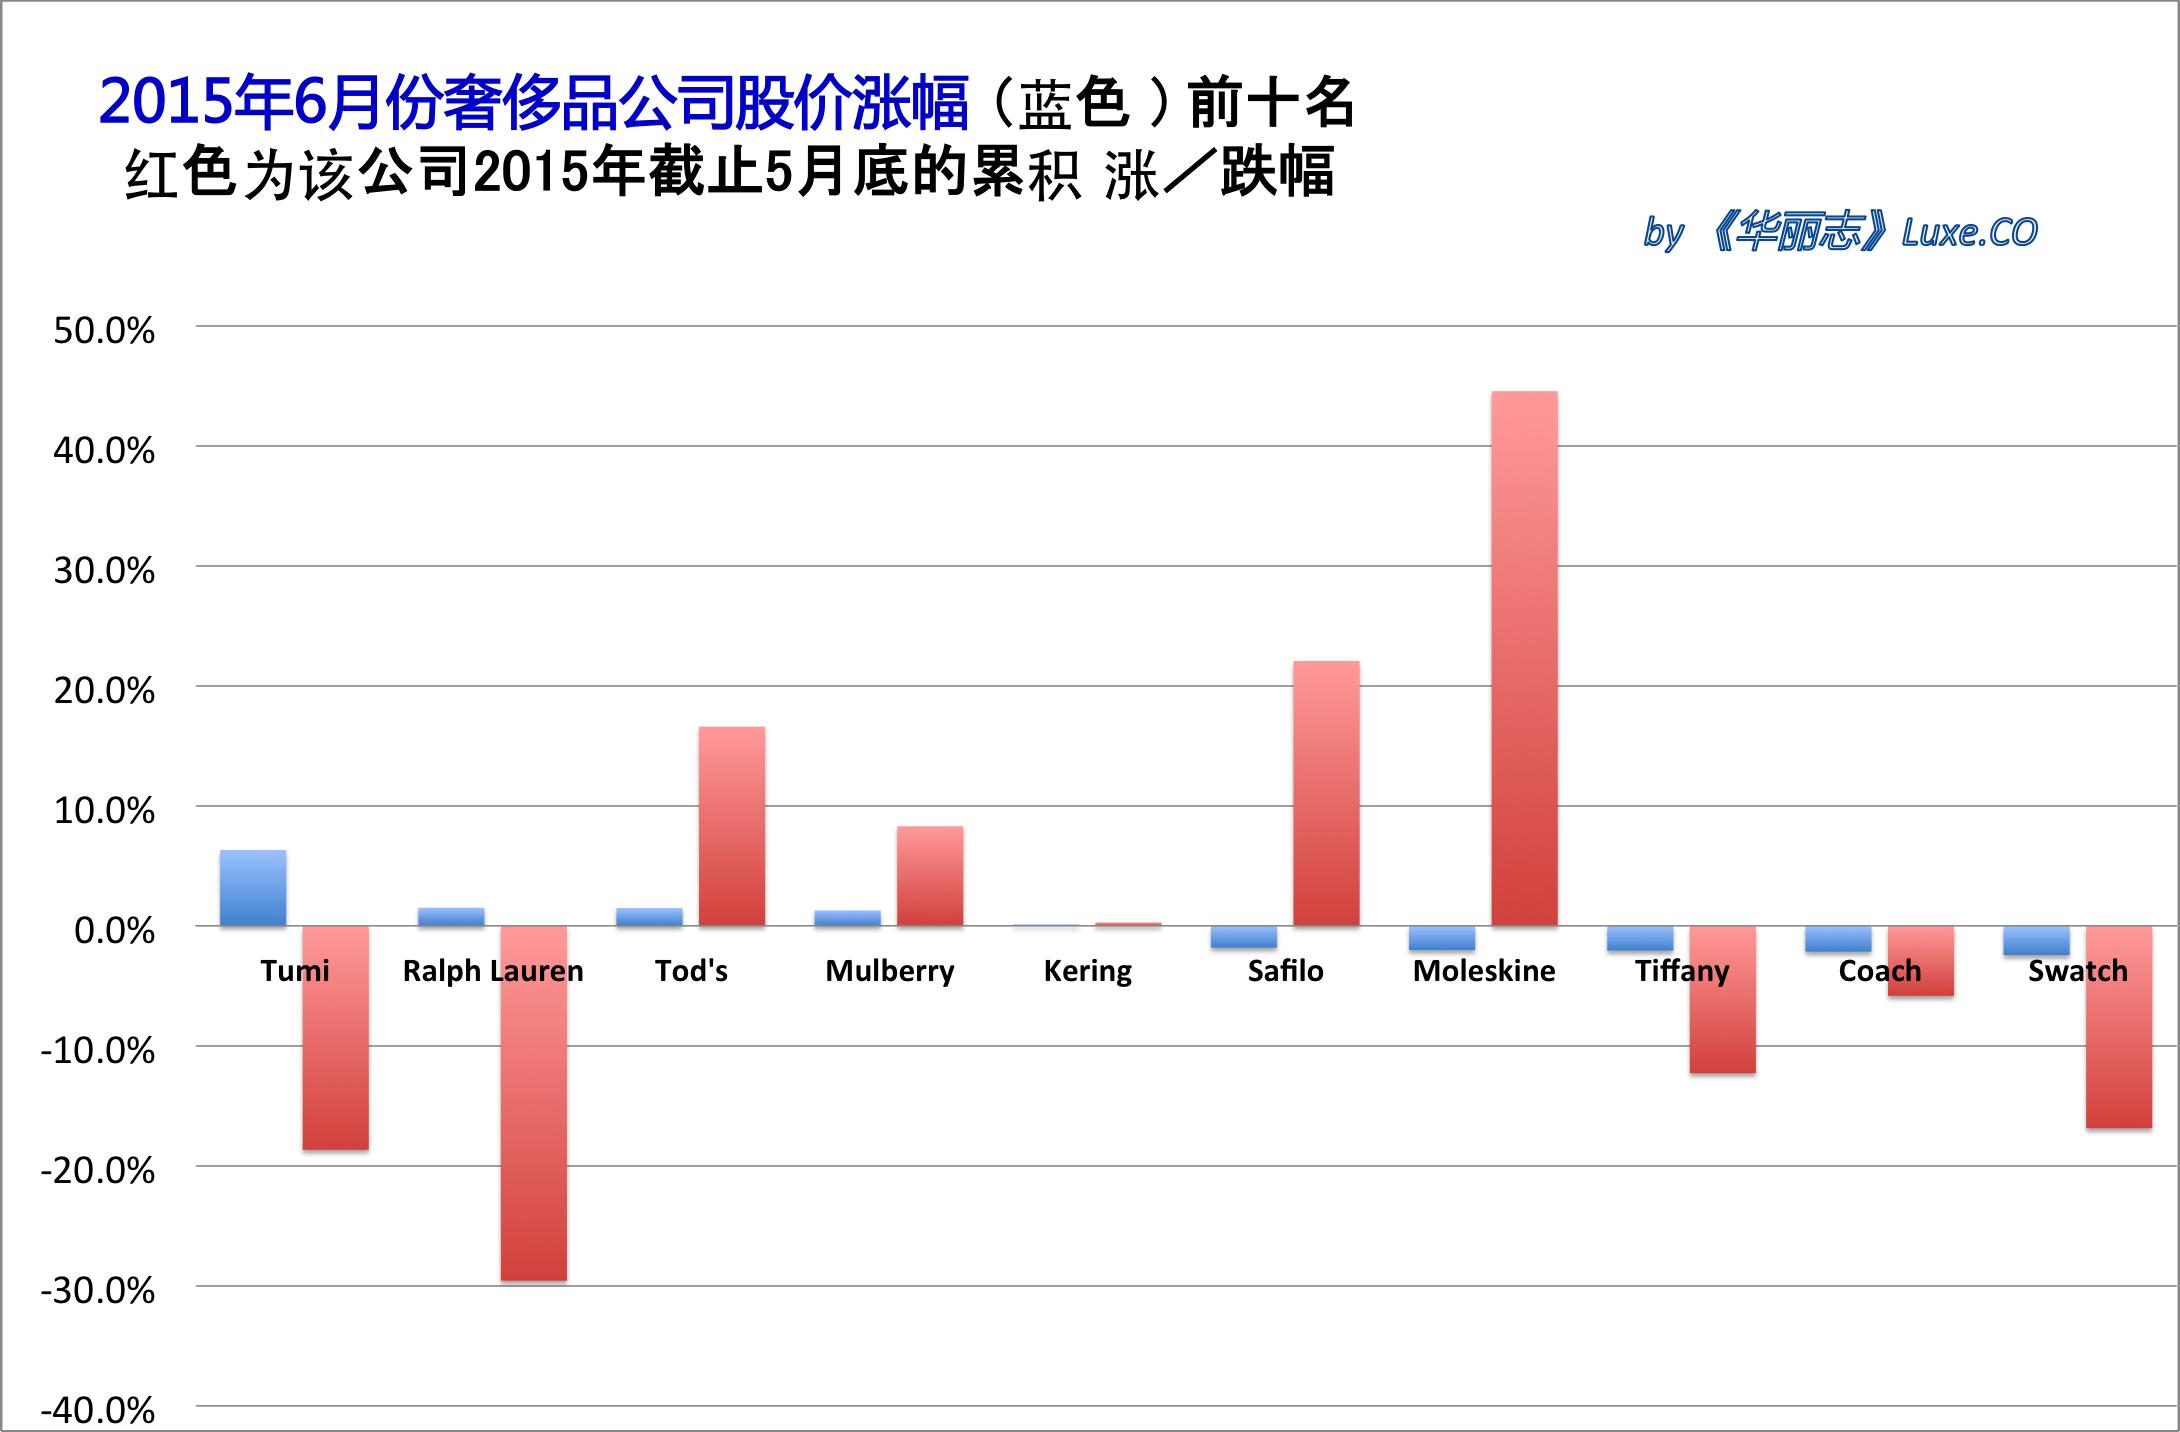 《华丽志》奢侈品股票月度排行榜 (2015年6月)